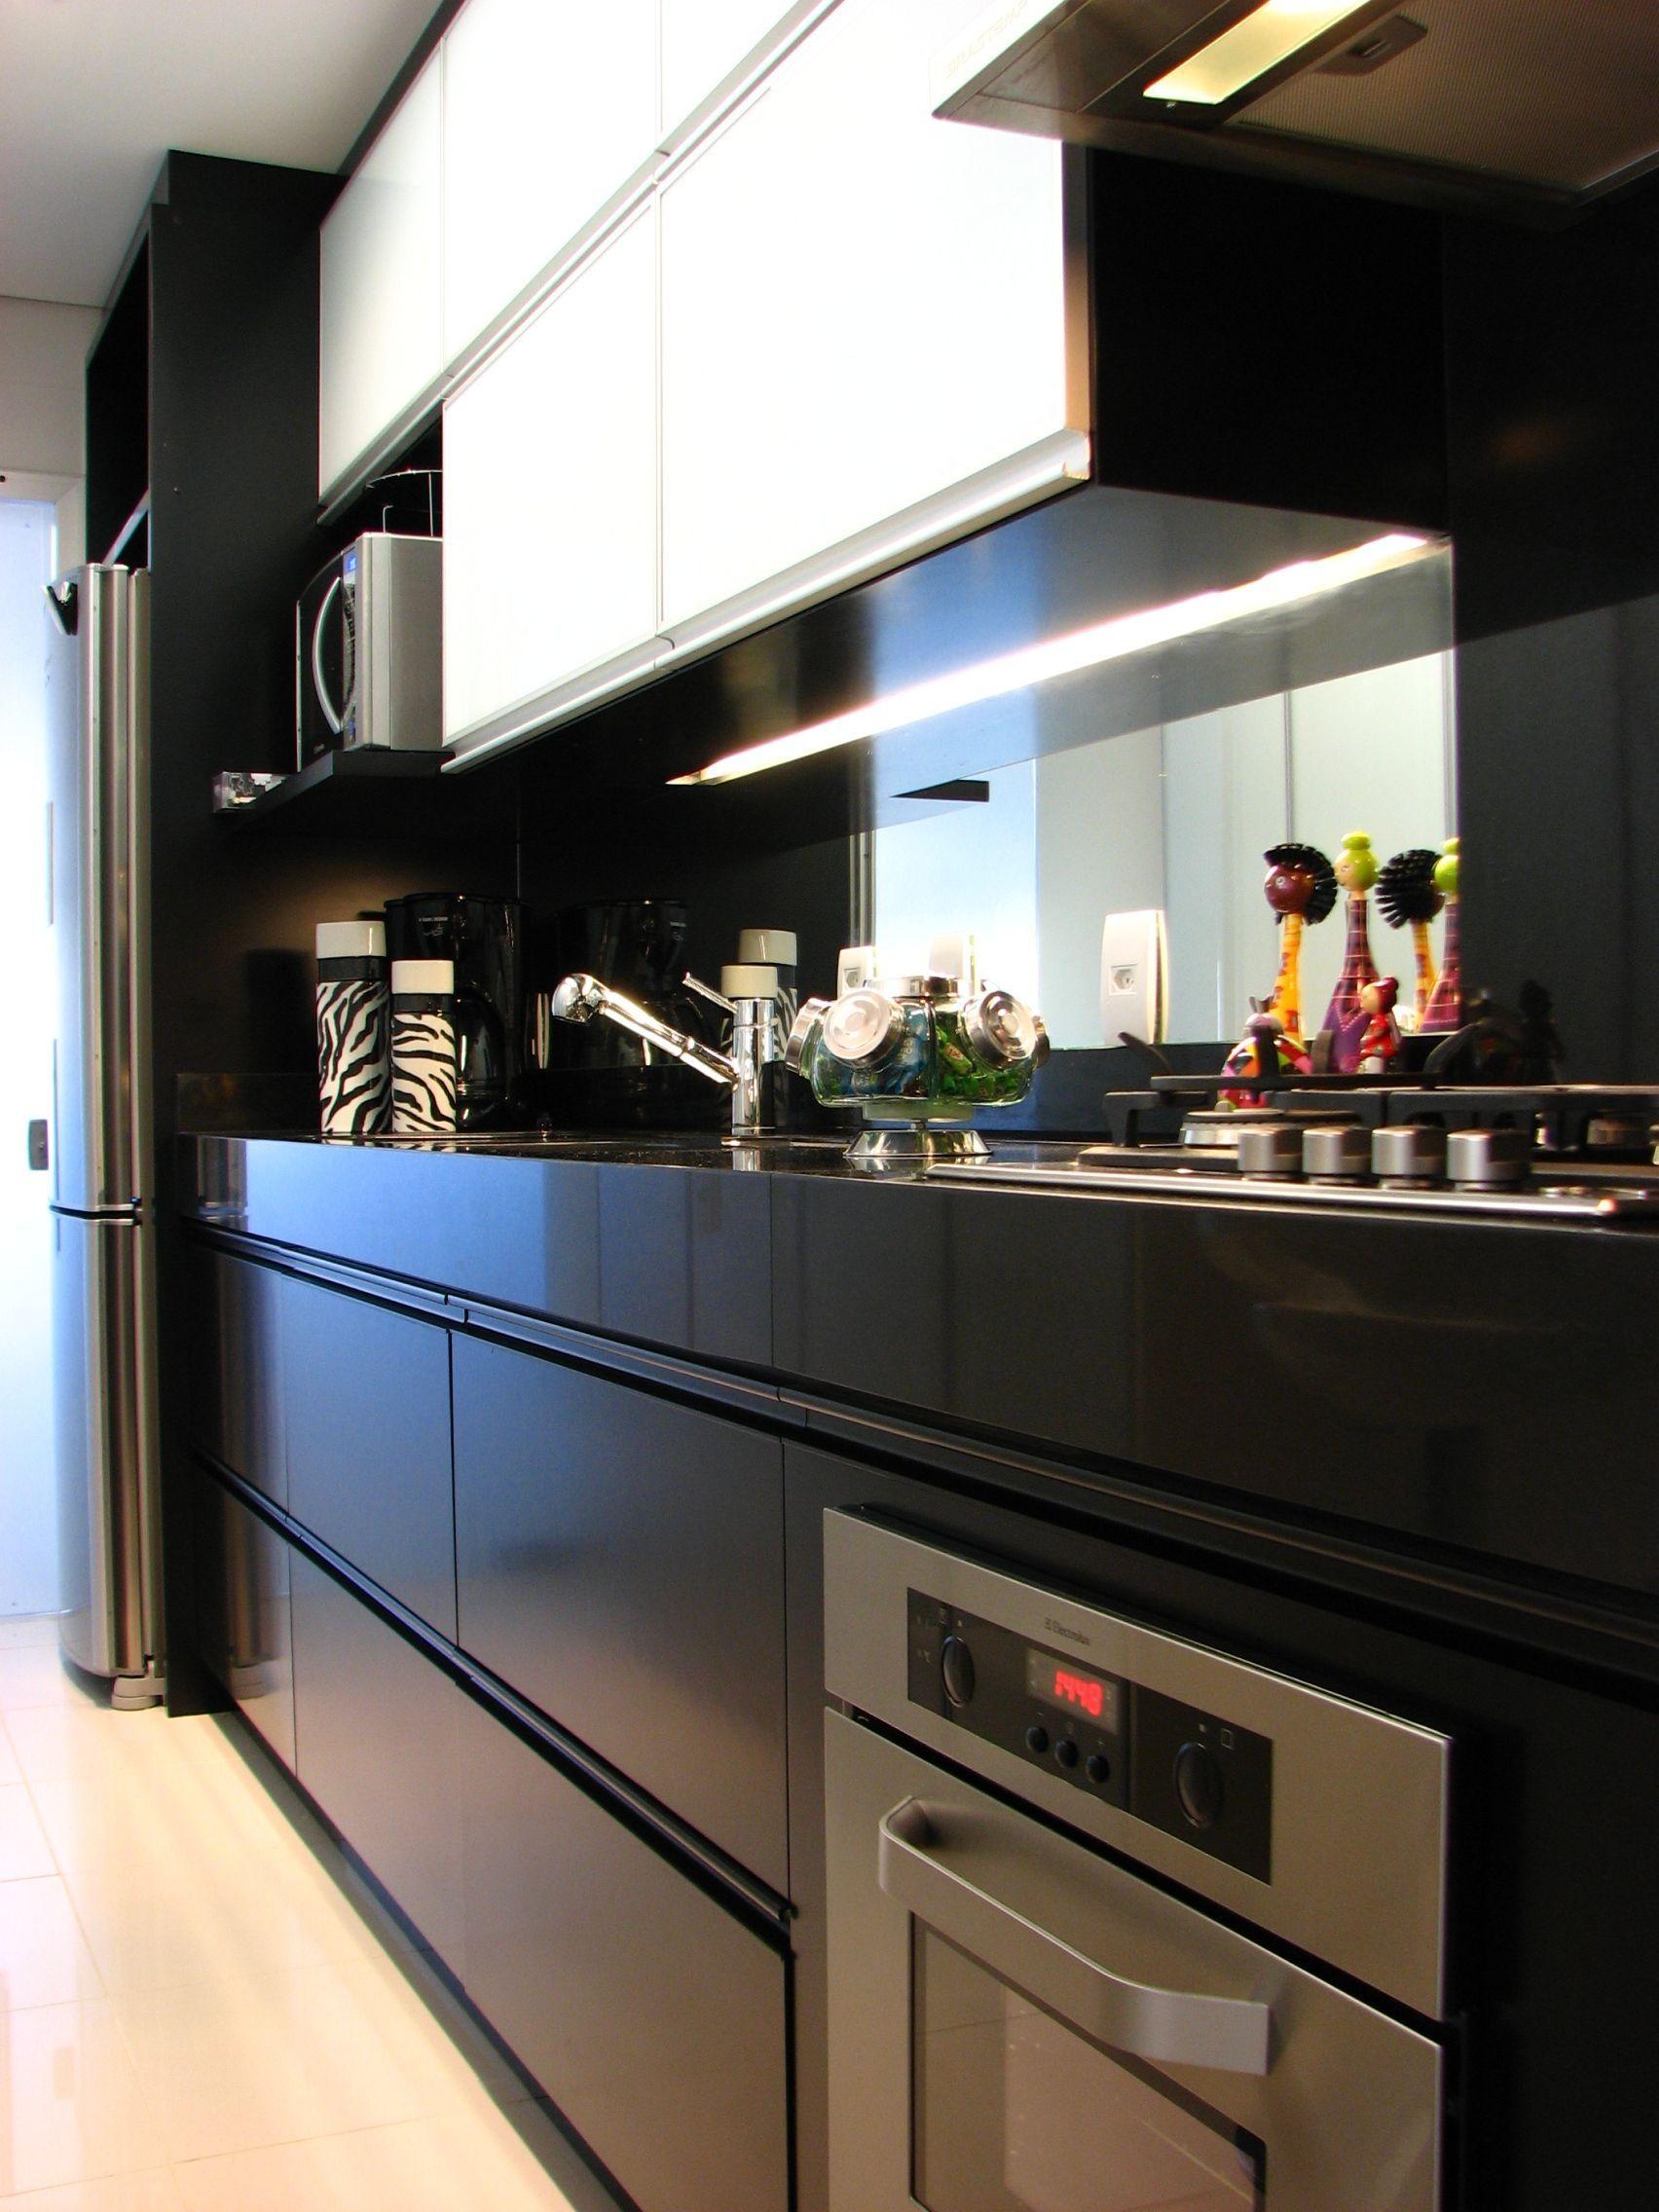 Cozinha Preta E Branco Cozinha Pequena Pinteres  ~ Banqueta Inox Para Cozinha Acozinha Com Cooktop Branco